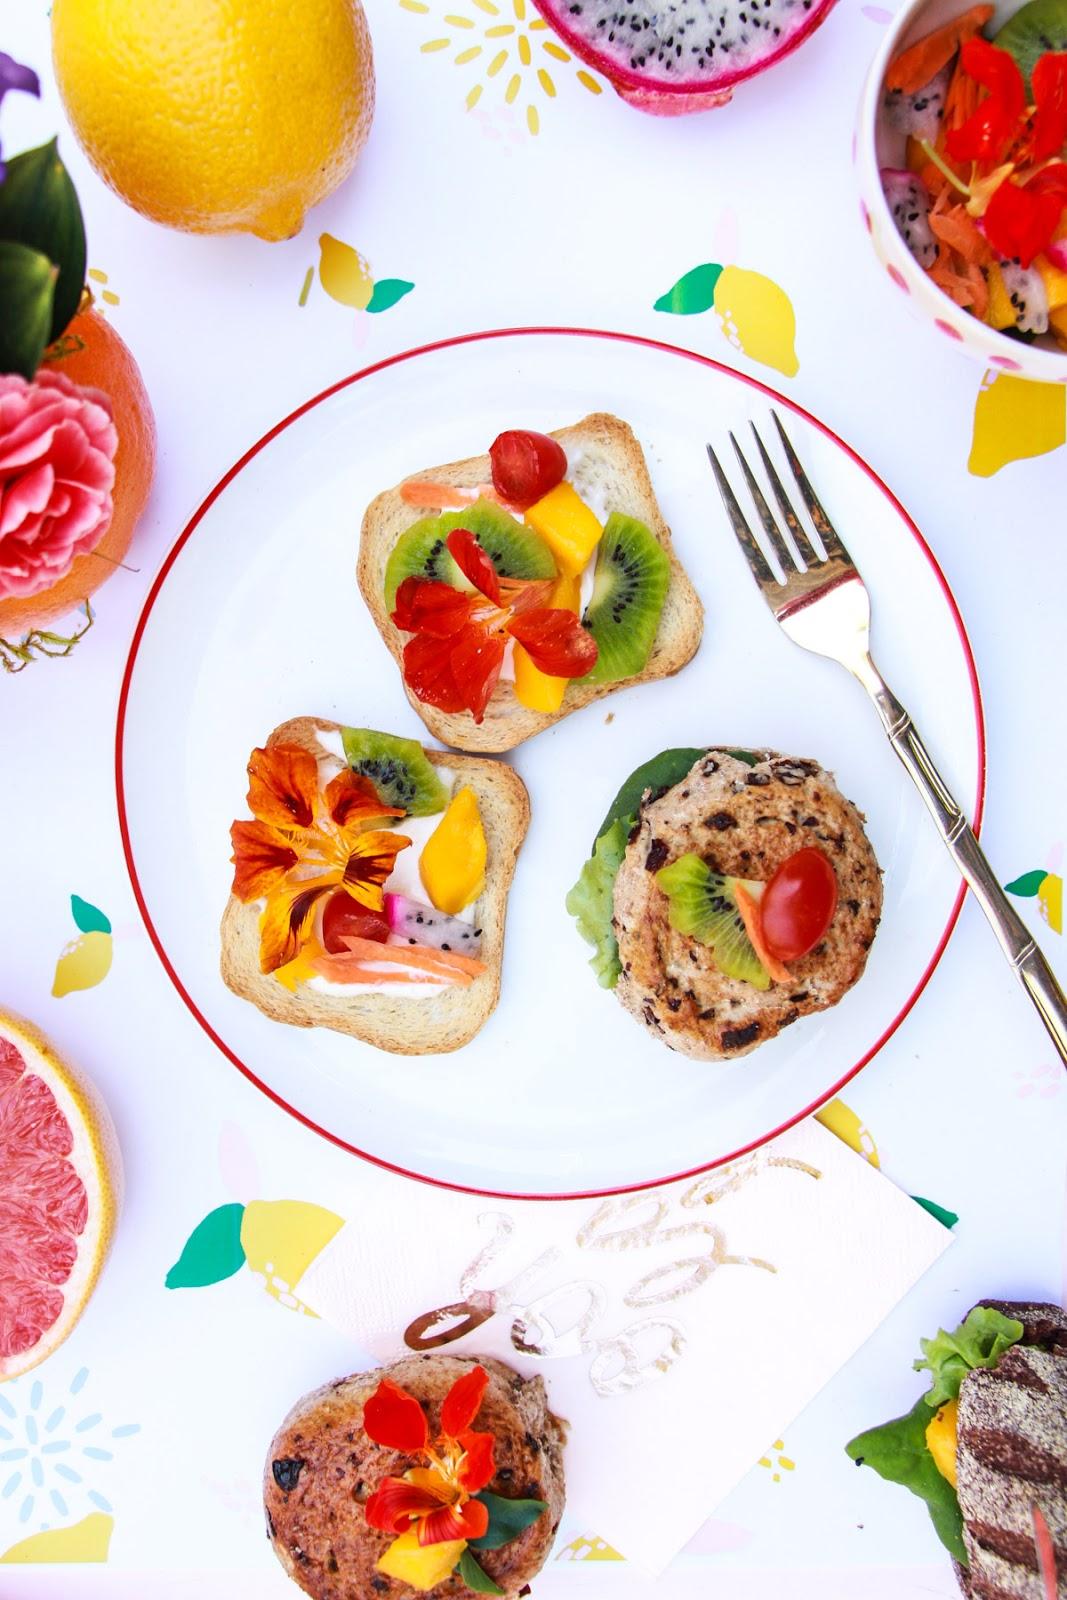 picnic torradas decoradas com flores comestiveis